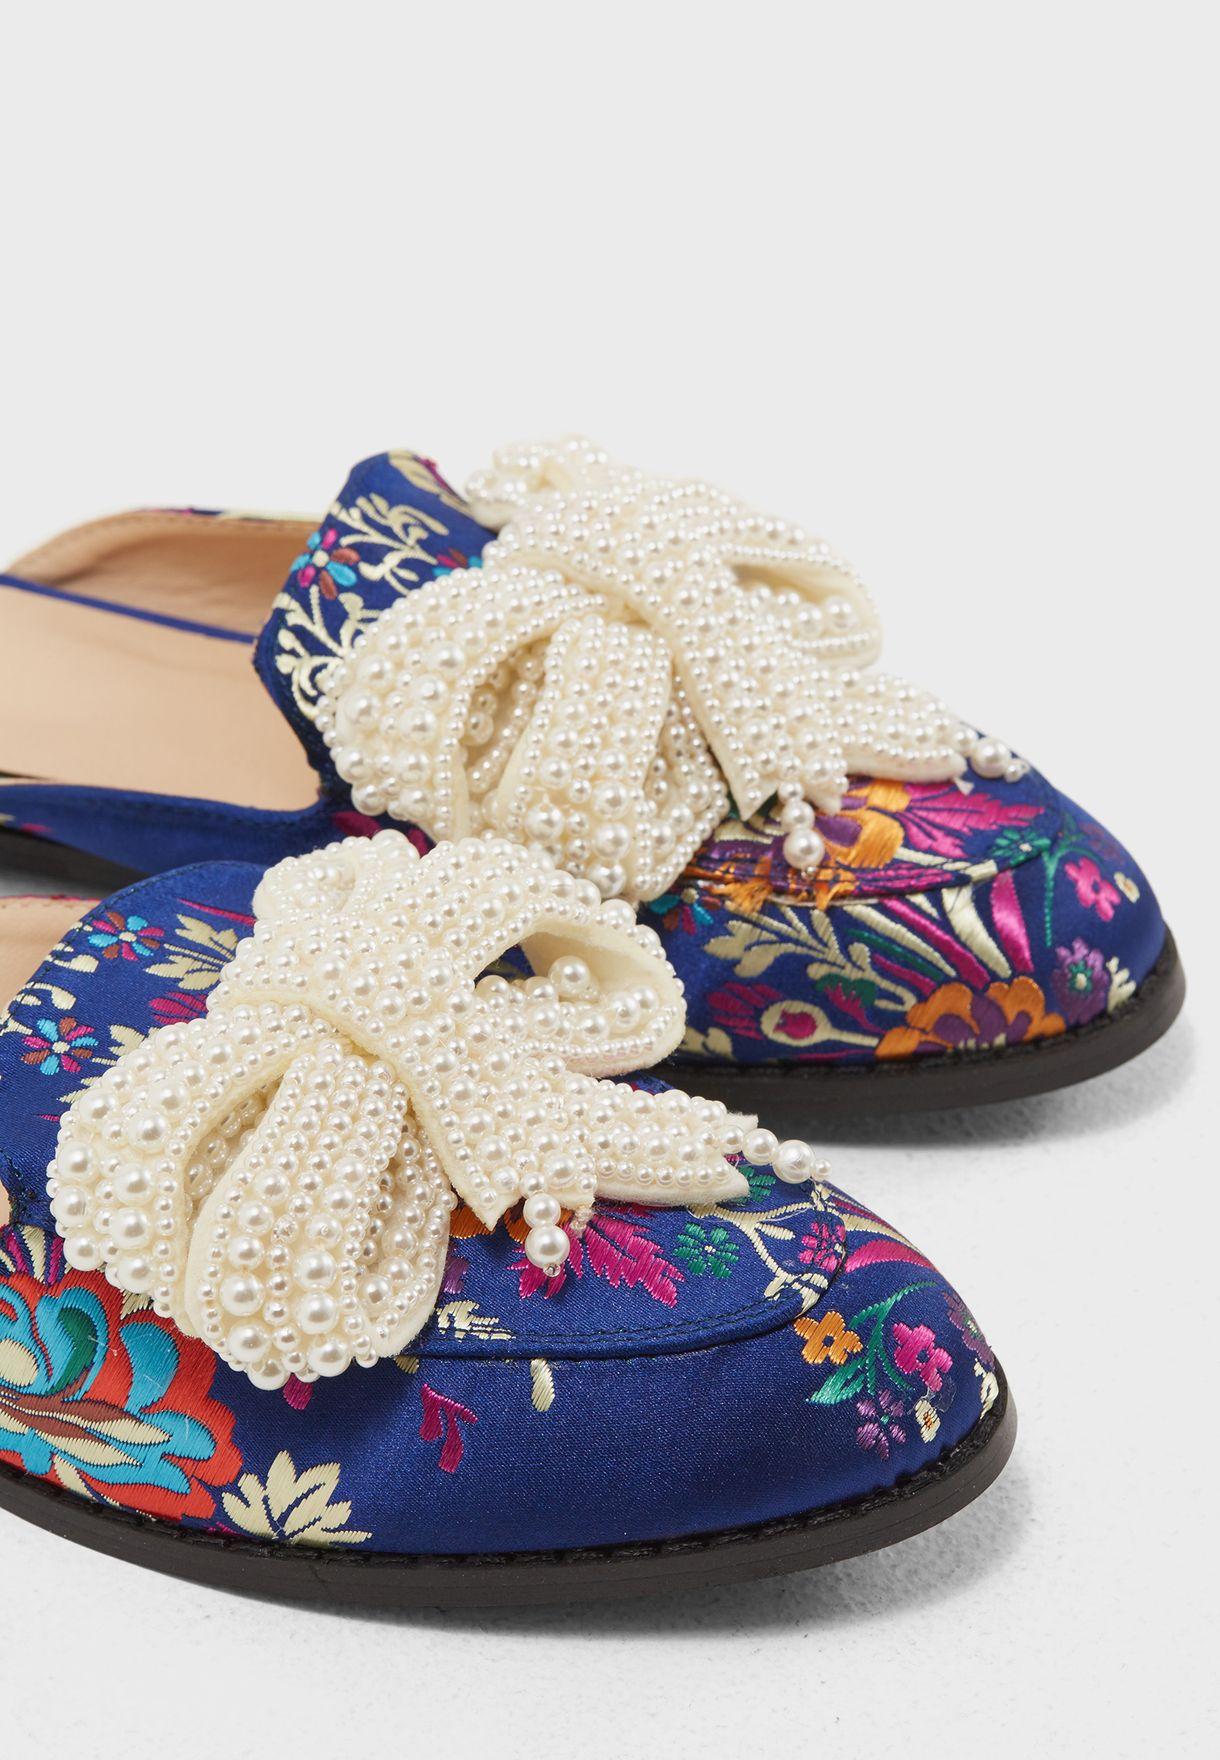 حذاء سهل الارتداء بطبعات